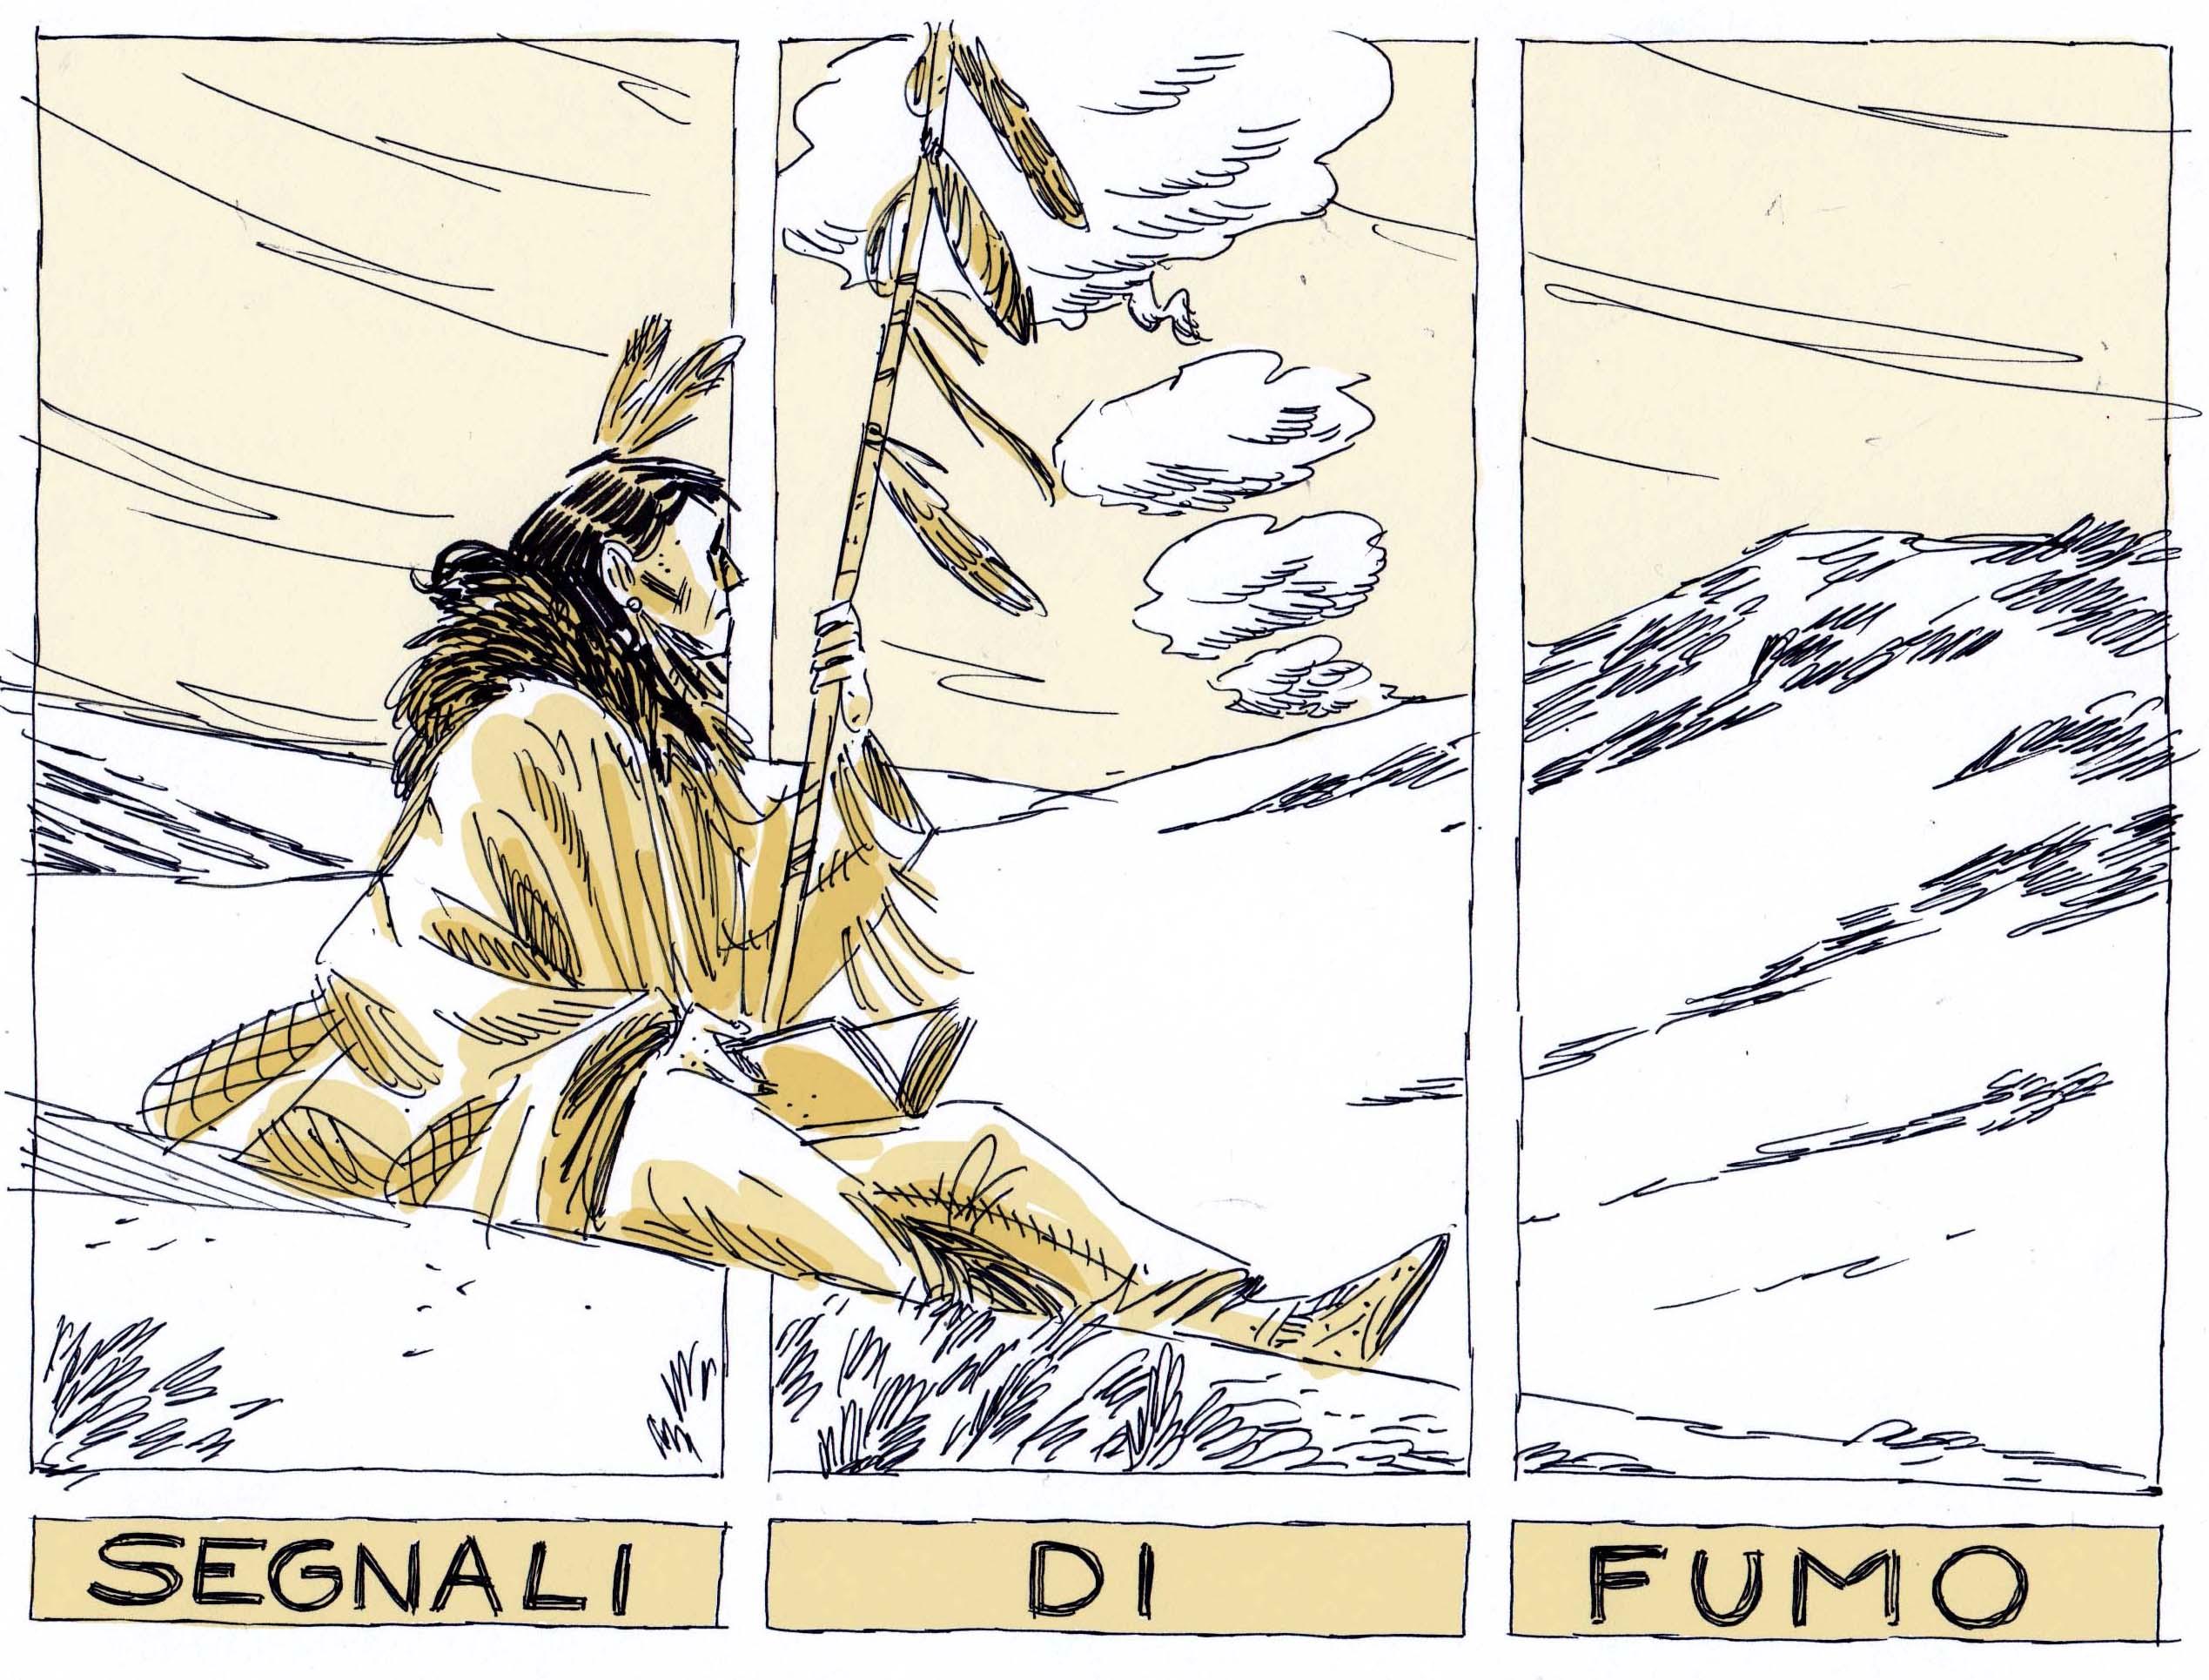 Segnali Di Fumo La Nuova Rubrica A Fumetti Di Carmilla Carmilla